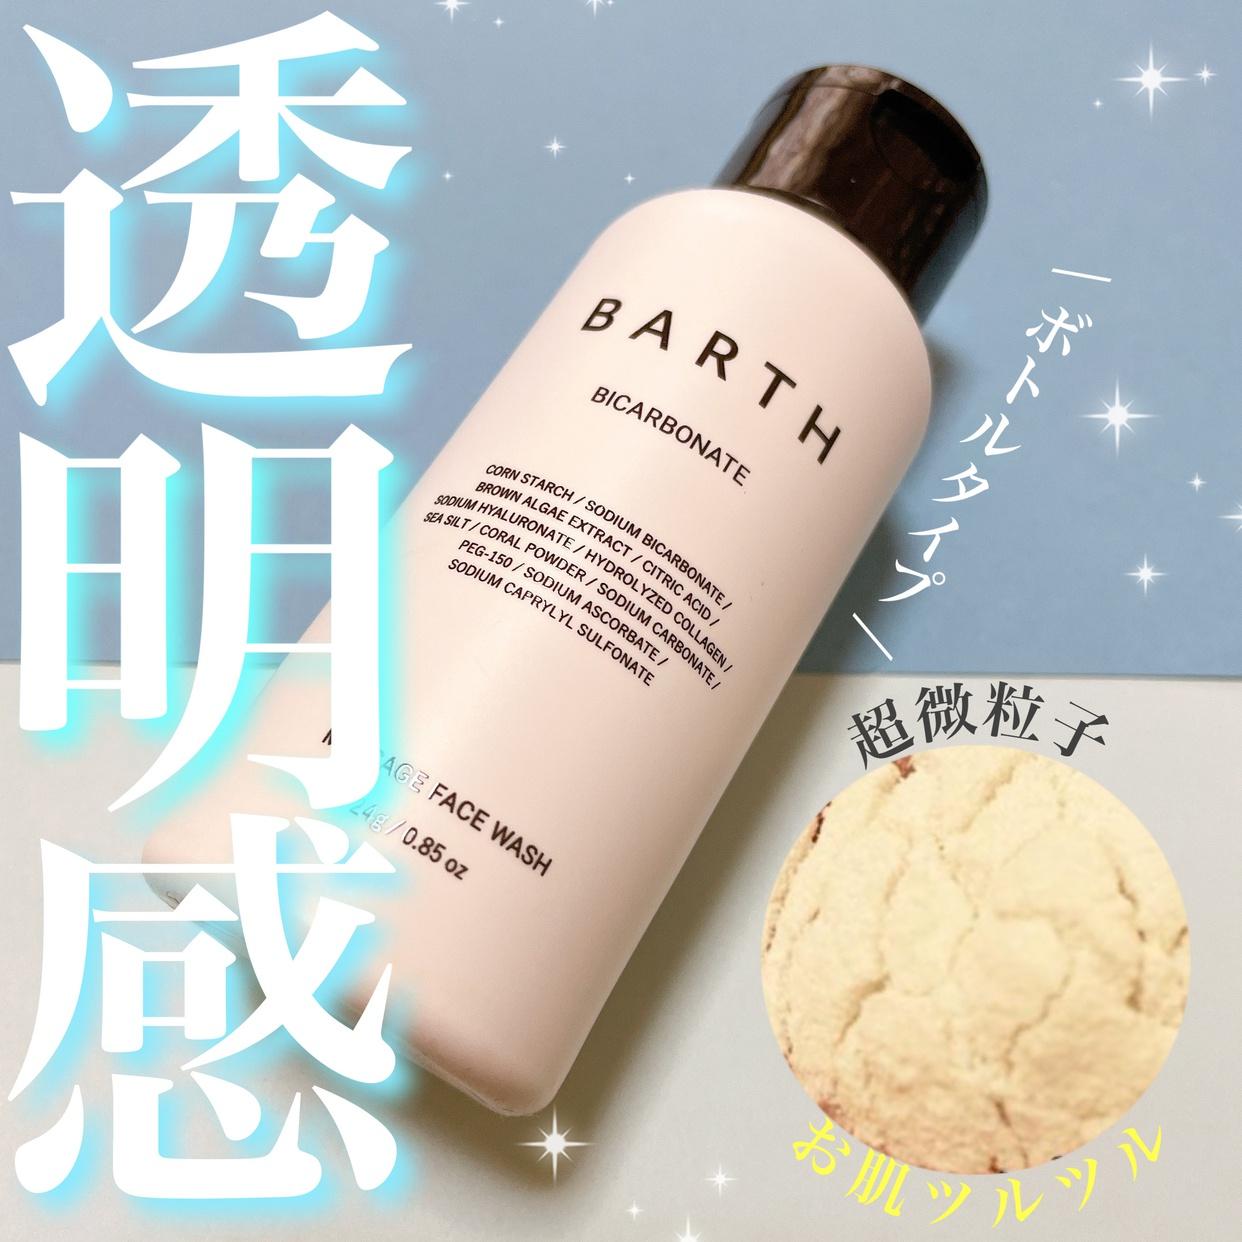 BARTH(バース) 中性重炭酸洗顔パウダーの良い点・メリットに関するここあさんの口コミ画像1